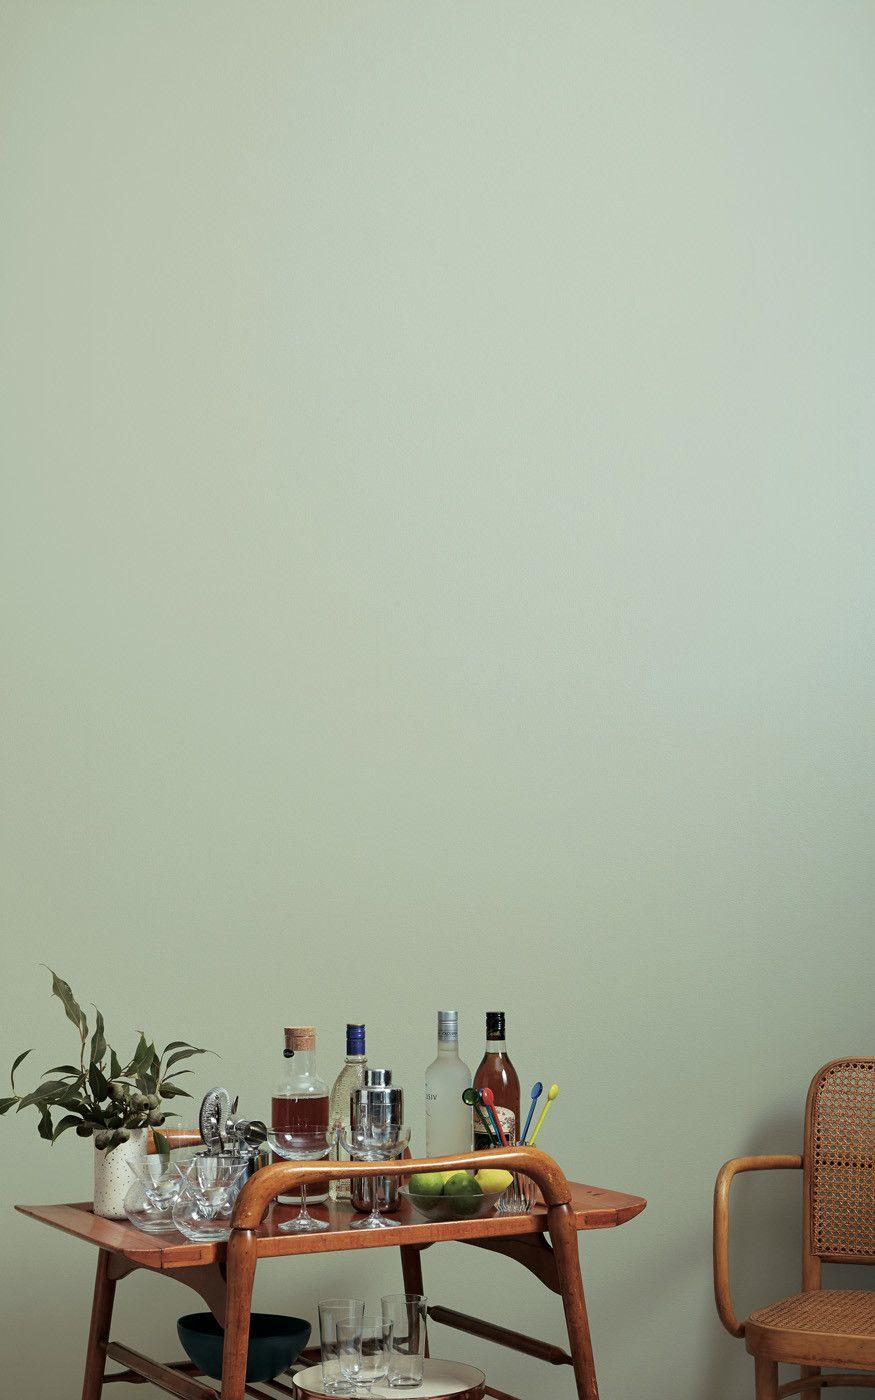 Que Te Parece Pintar La Pared Entera De Ingreso A La Habitacion Principal Con Este Verde En El D In 2020 Green Painted Walls Green Wall Paint Colors Olive Green Paints